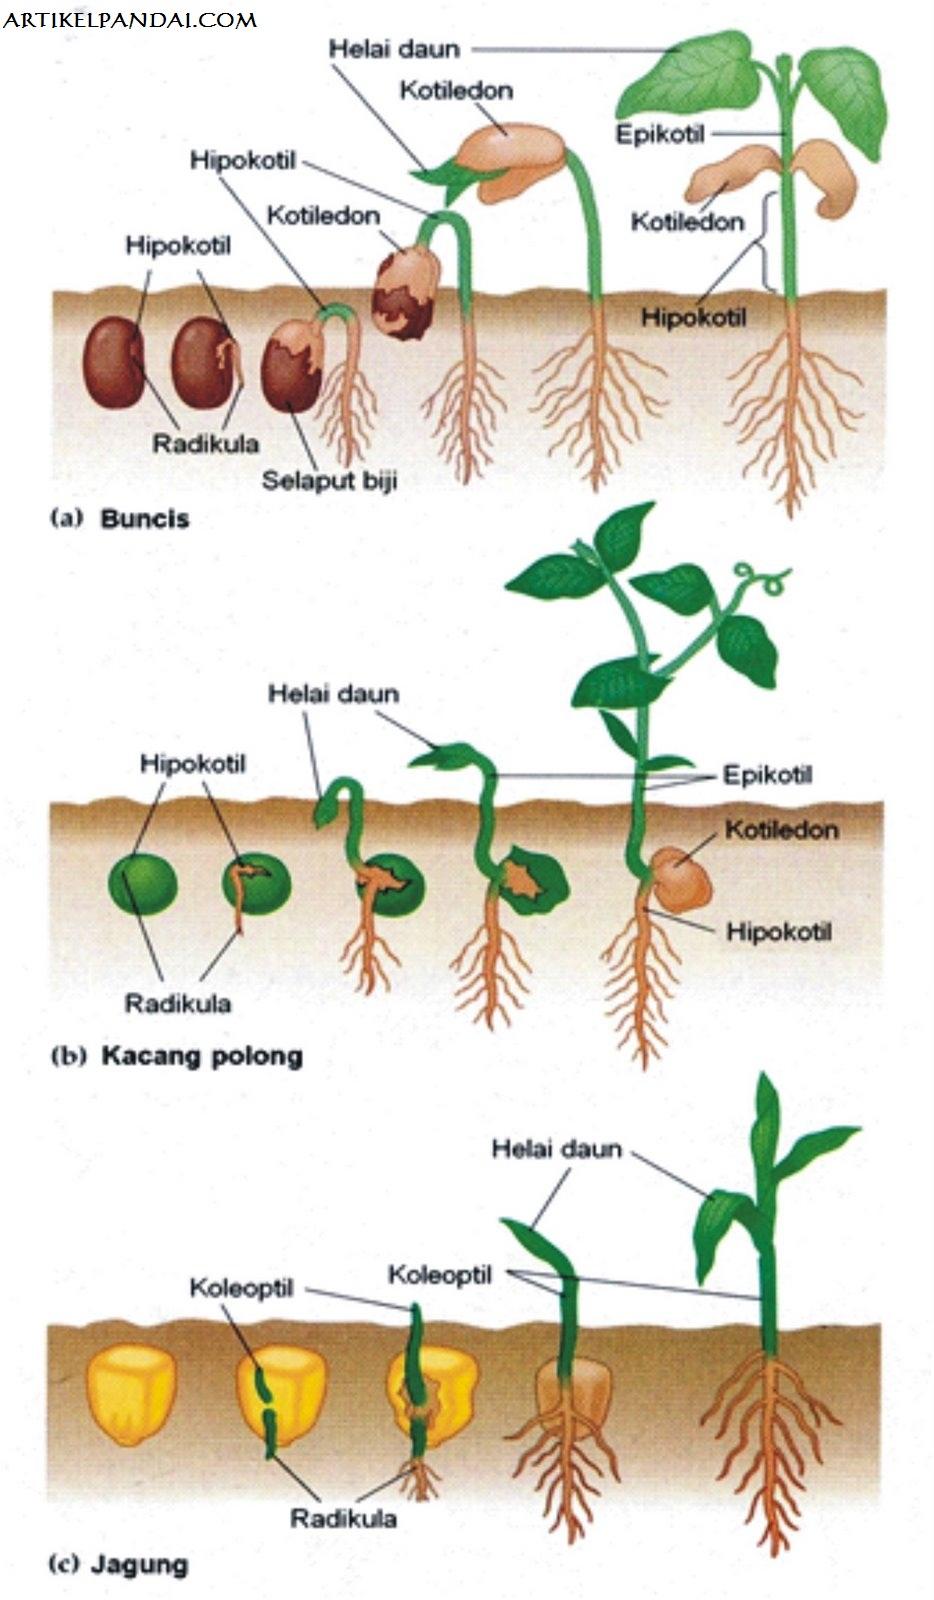 Ciri Ciri Pertumbuhan Dan Perkembangan Pada Tumbuhan : pertumbuhan, perkembangan, tumbuhan, Proses, Pertumbuhan, Perkembangan, Tumbuhan, (Faktor, Pertumbuhan), BELAJAR